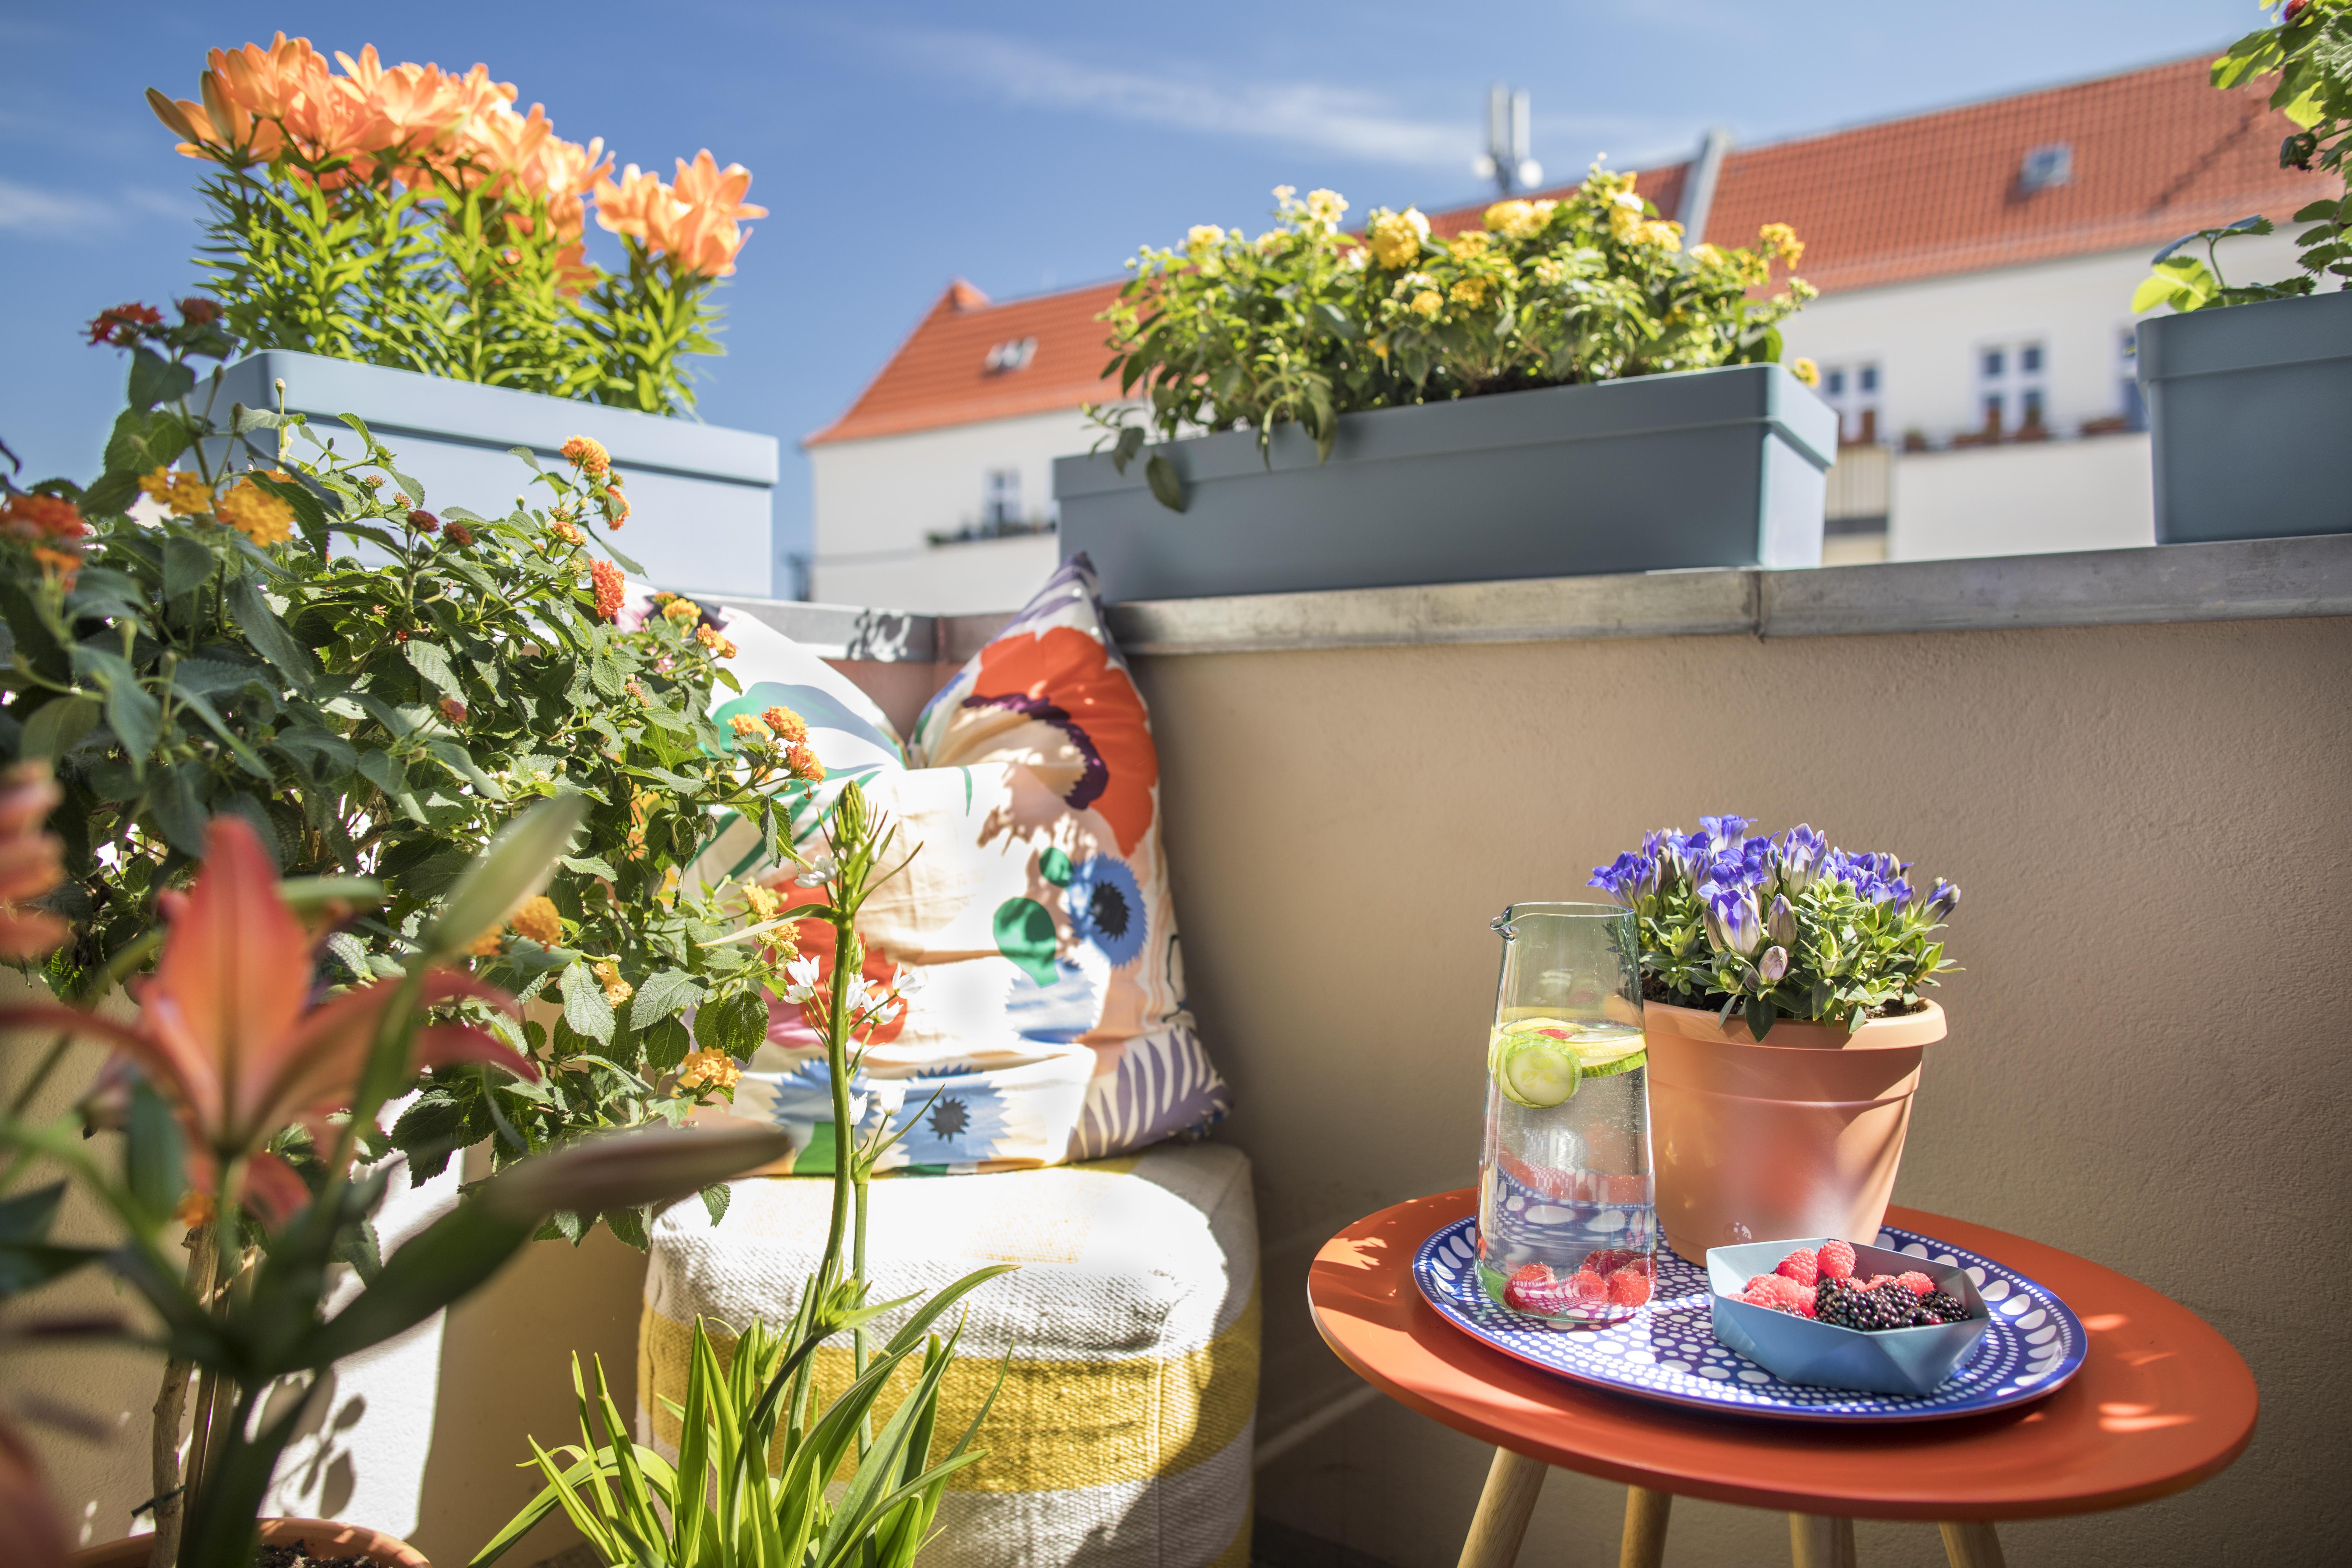 Verwandeln Sie Ihren Balkon In Eine Grune Office Oase Pflanzenfreude